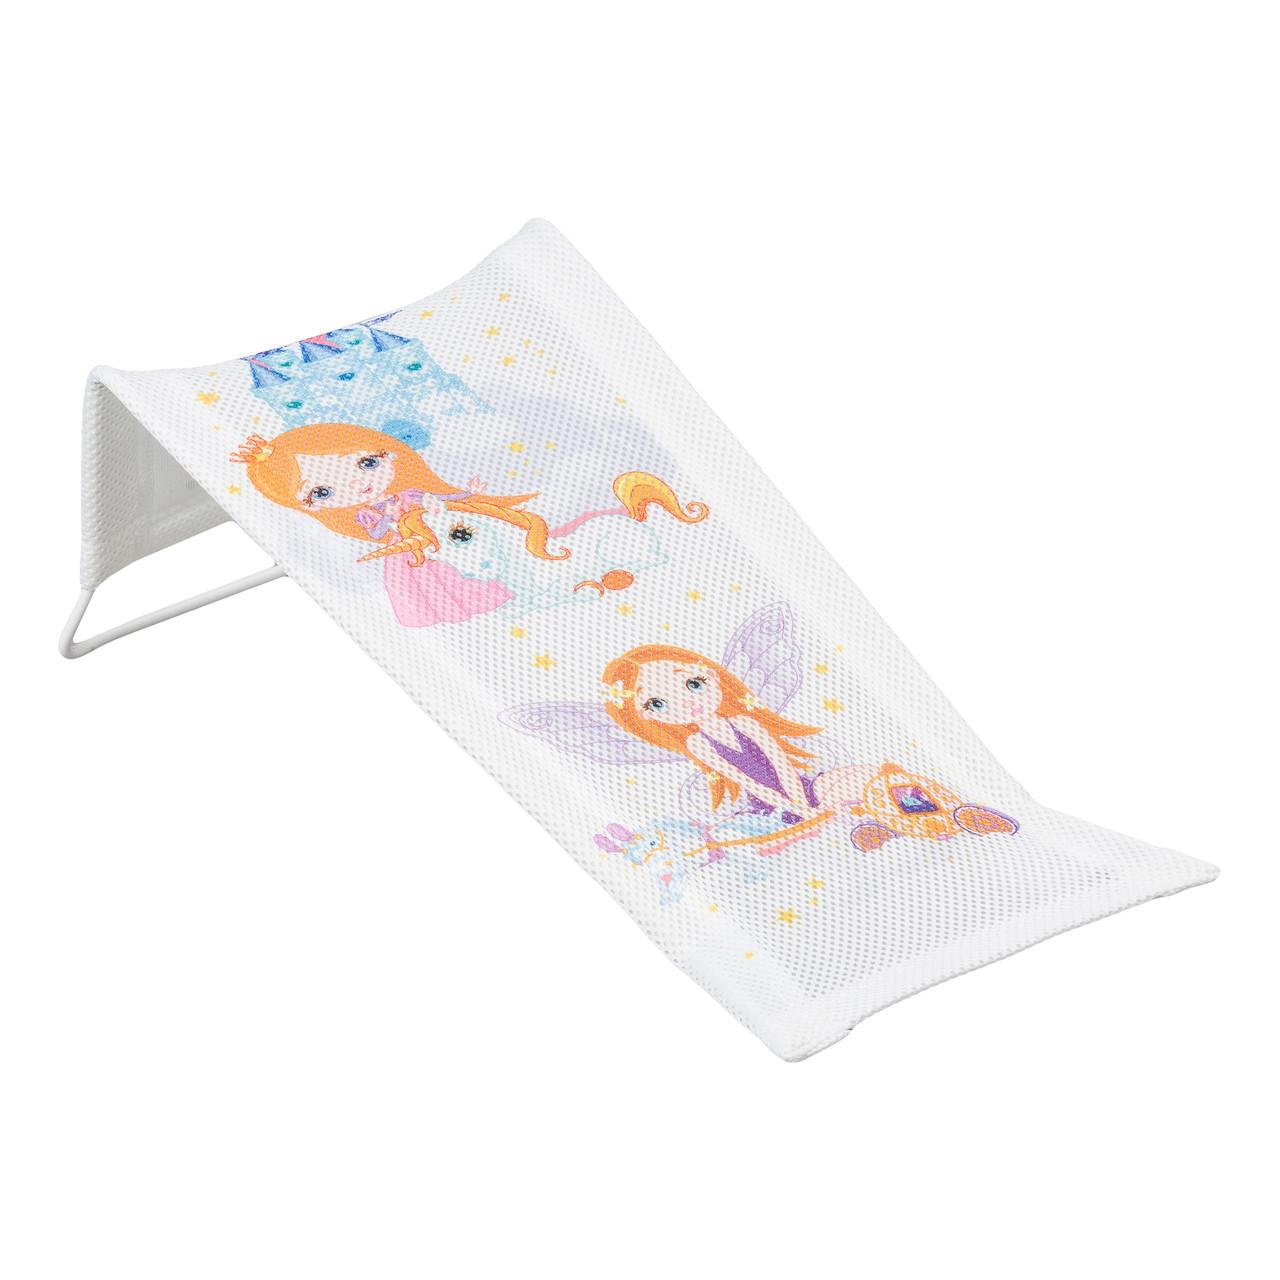 Лежак для купания Tega Little Princess Розовый